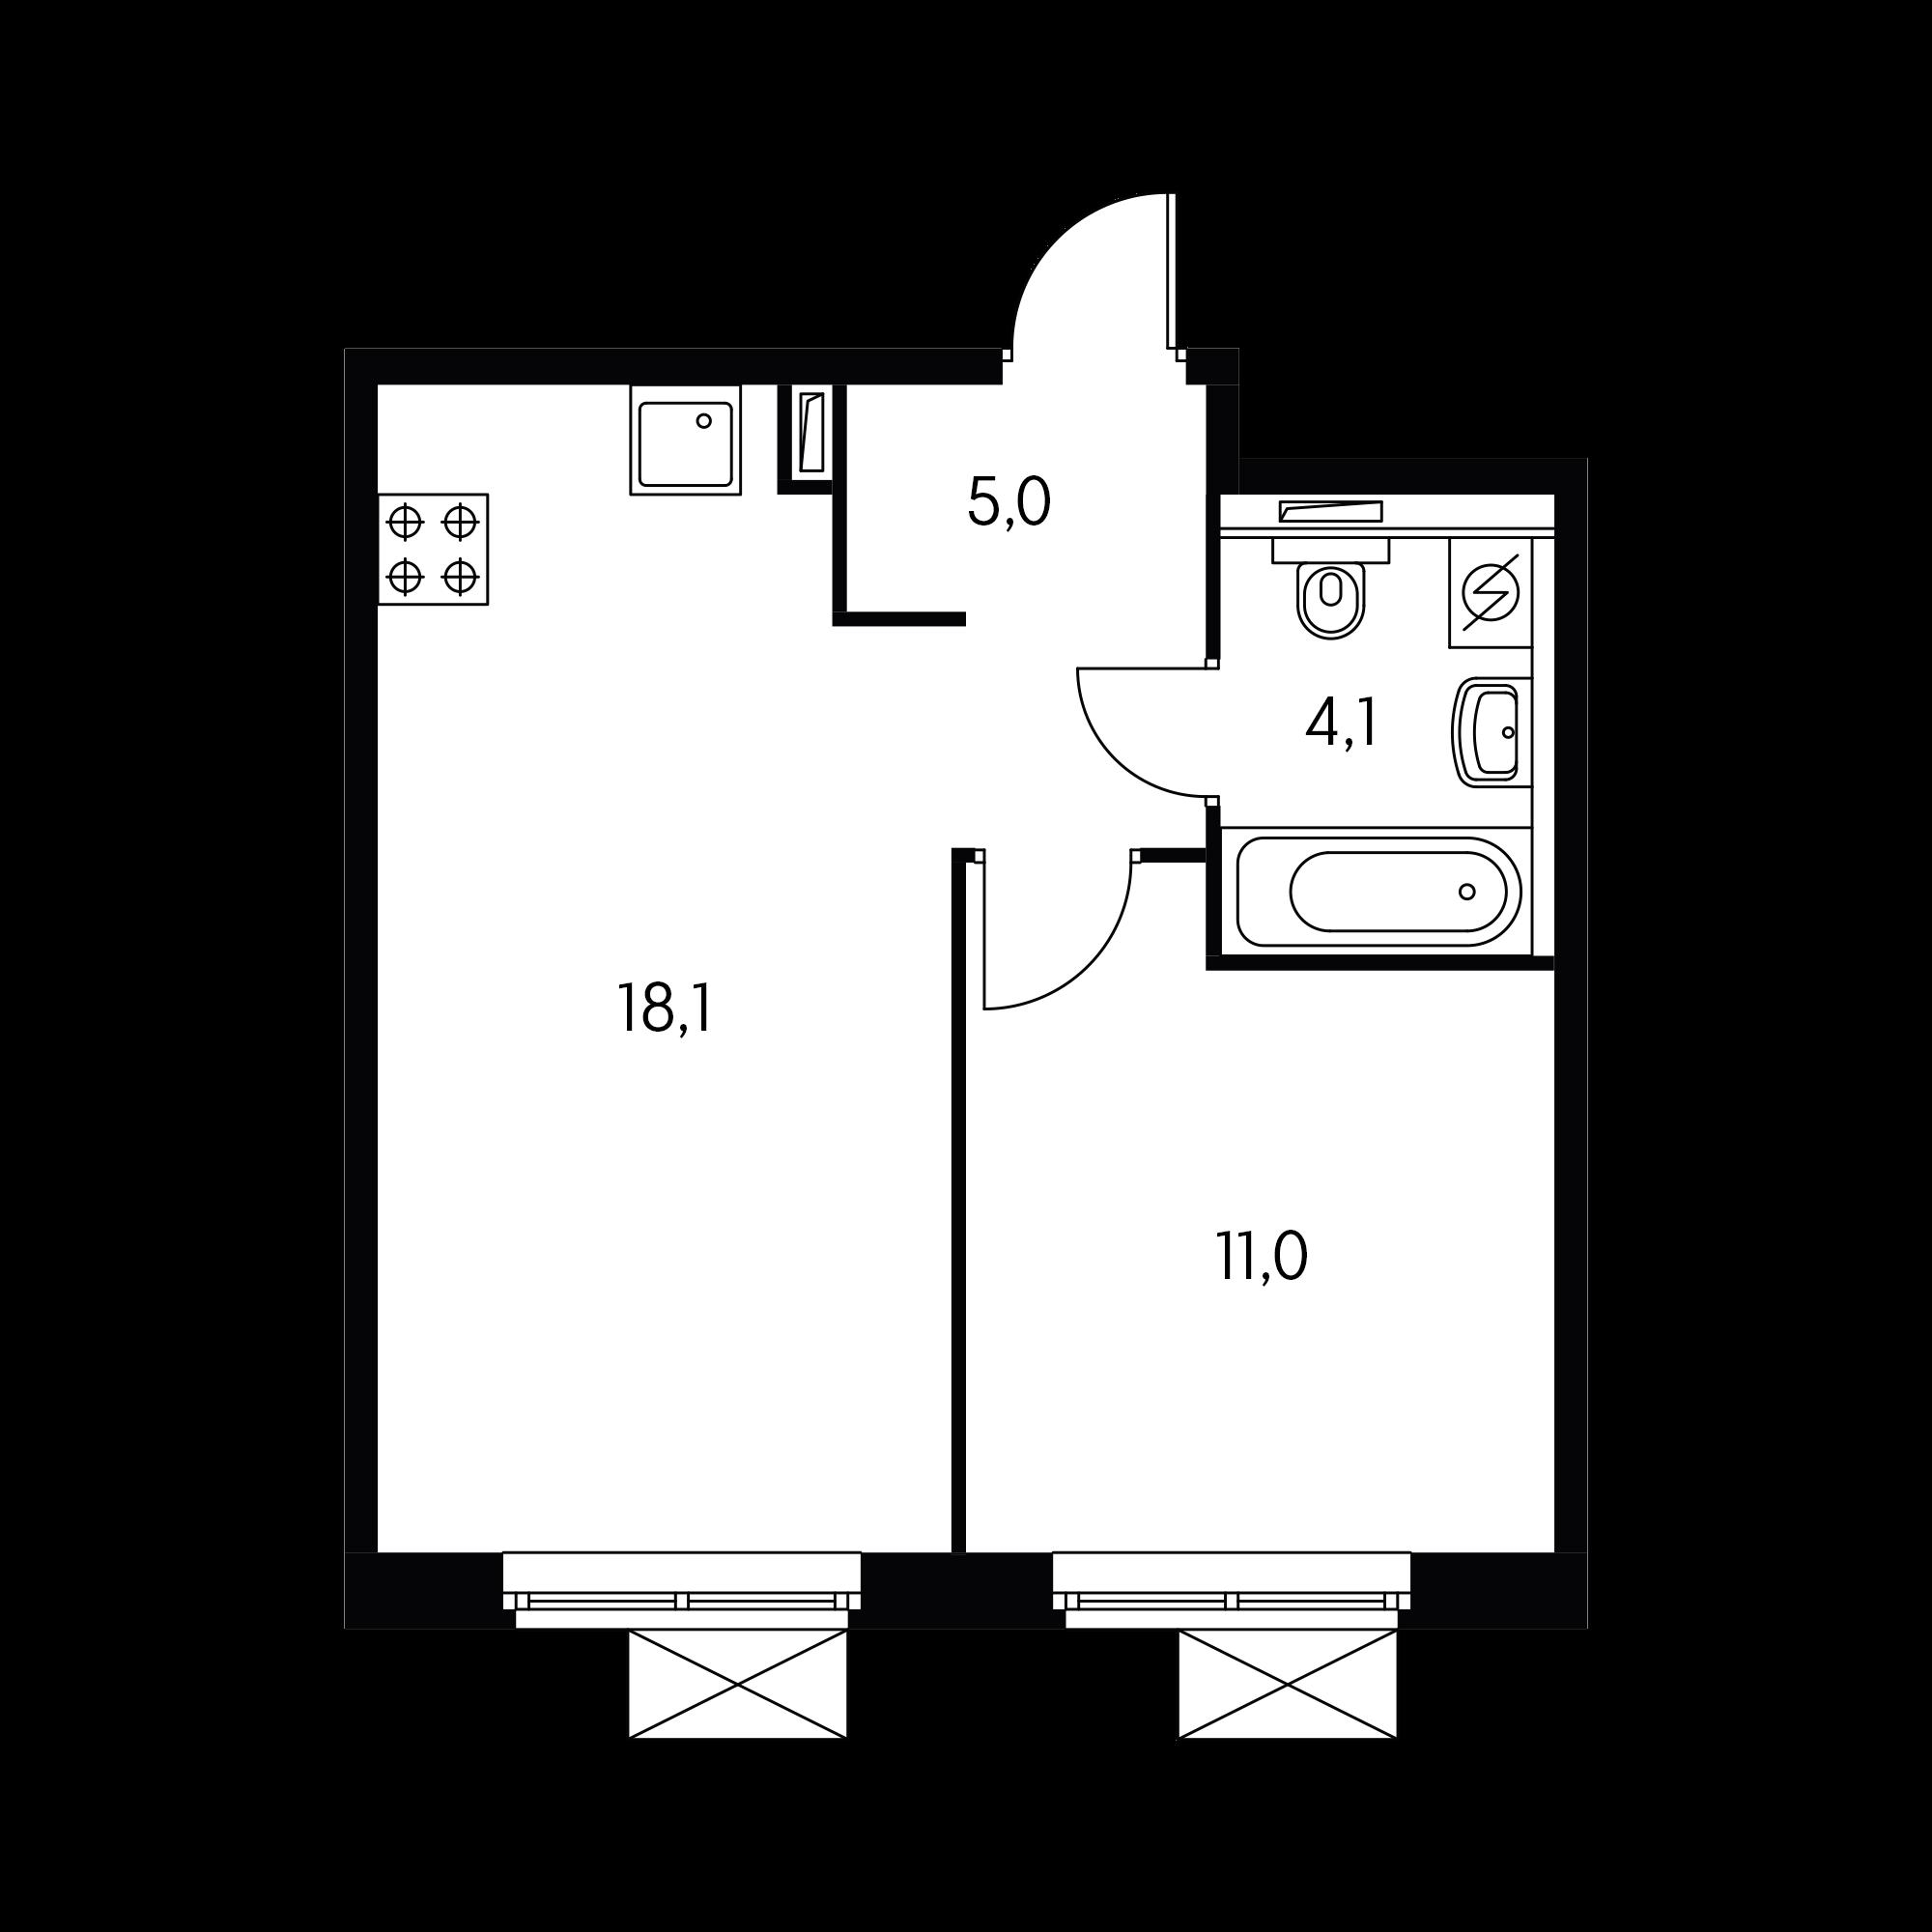 1EM5_6.6-1_S_A